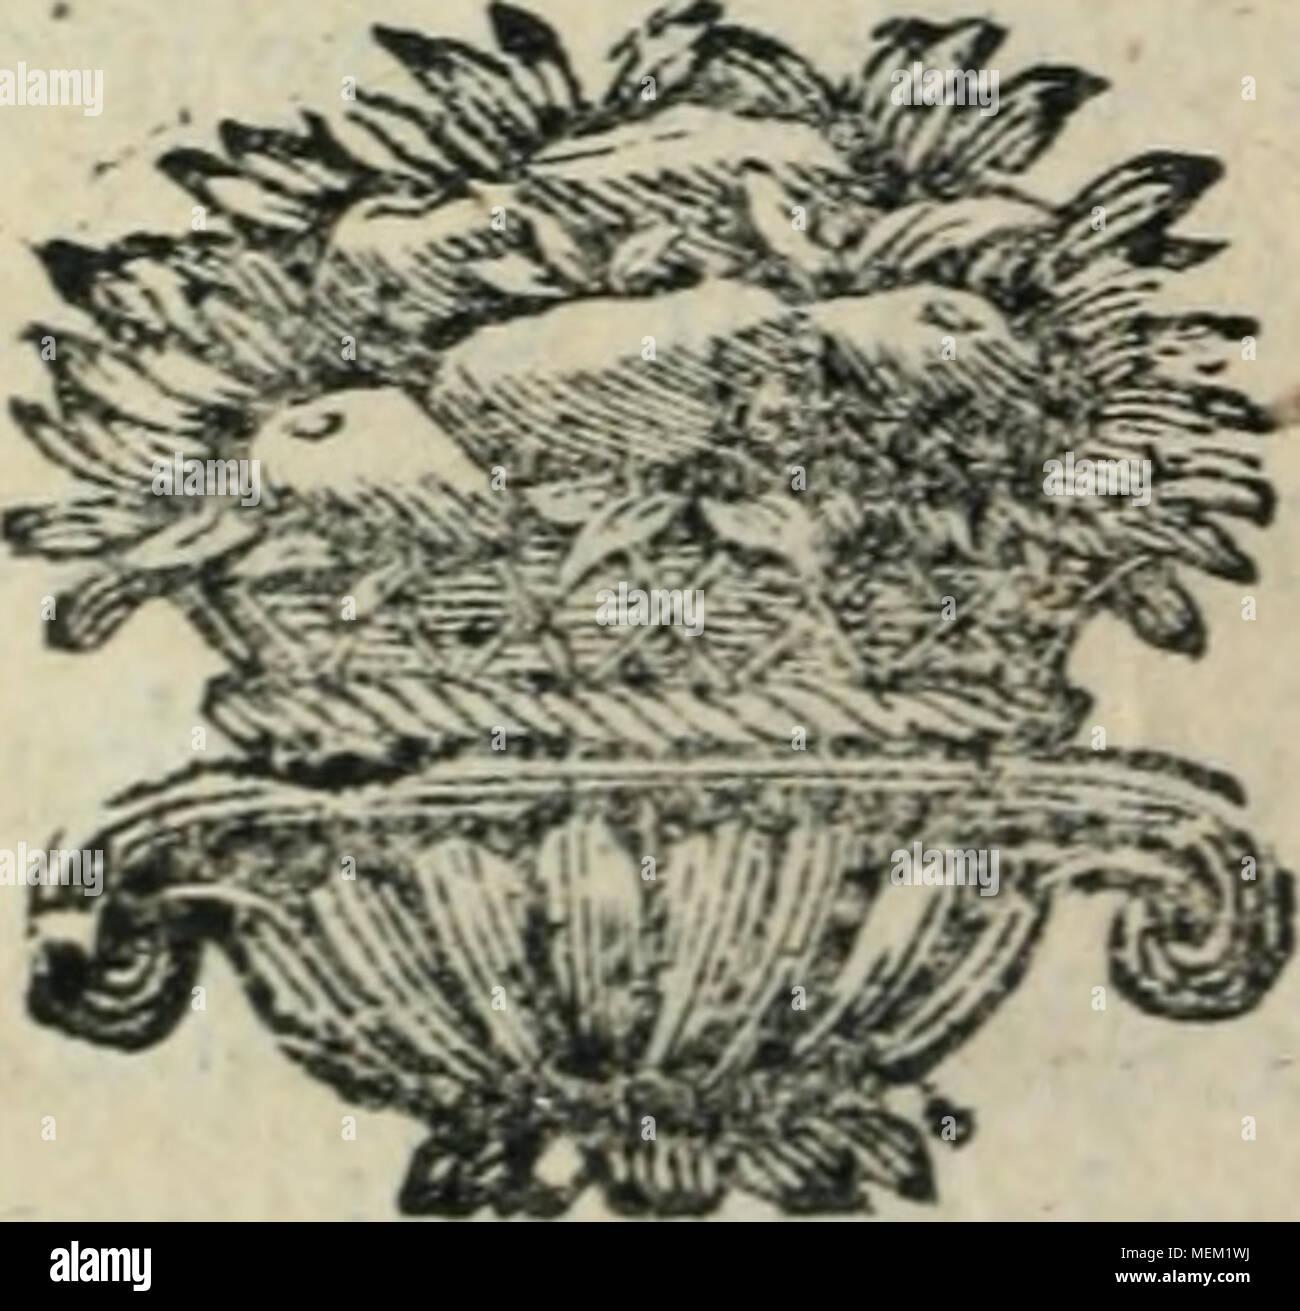 . Dictionnaire pour la théorie et la pratique du jardinage, et de l'agriculture, par principes, et démontrées d'après la physique des végetaux . - Stock Image